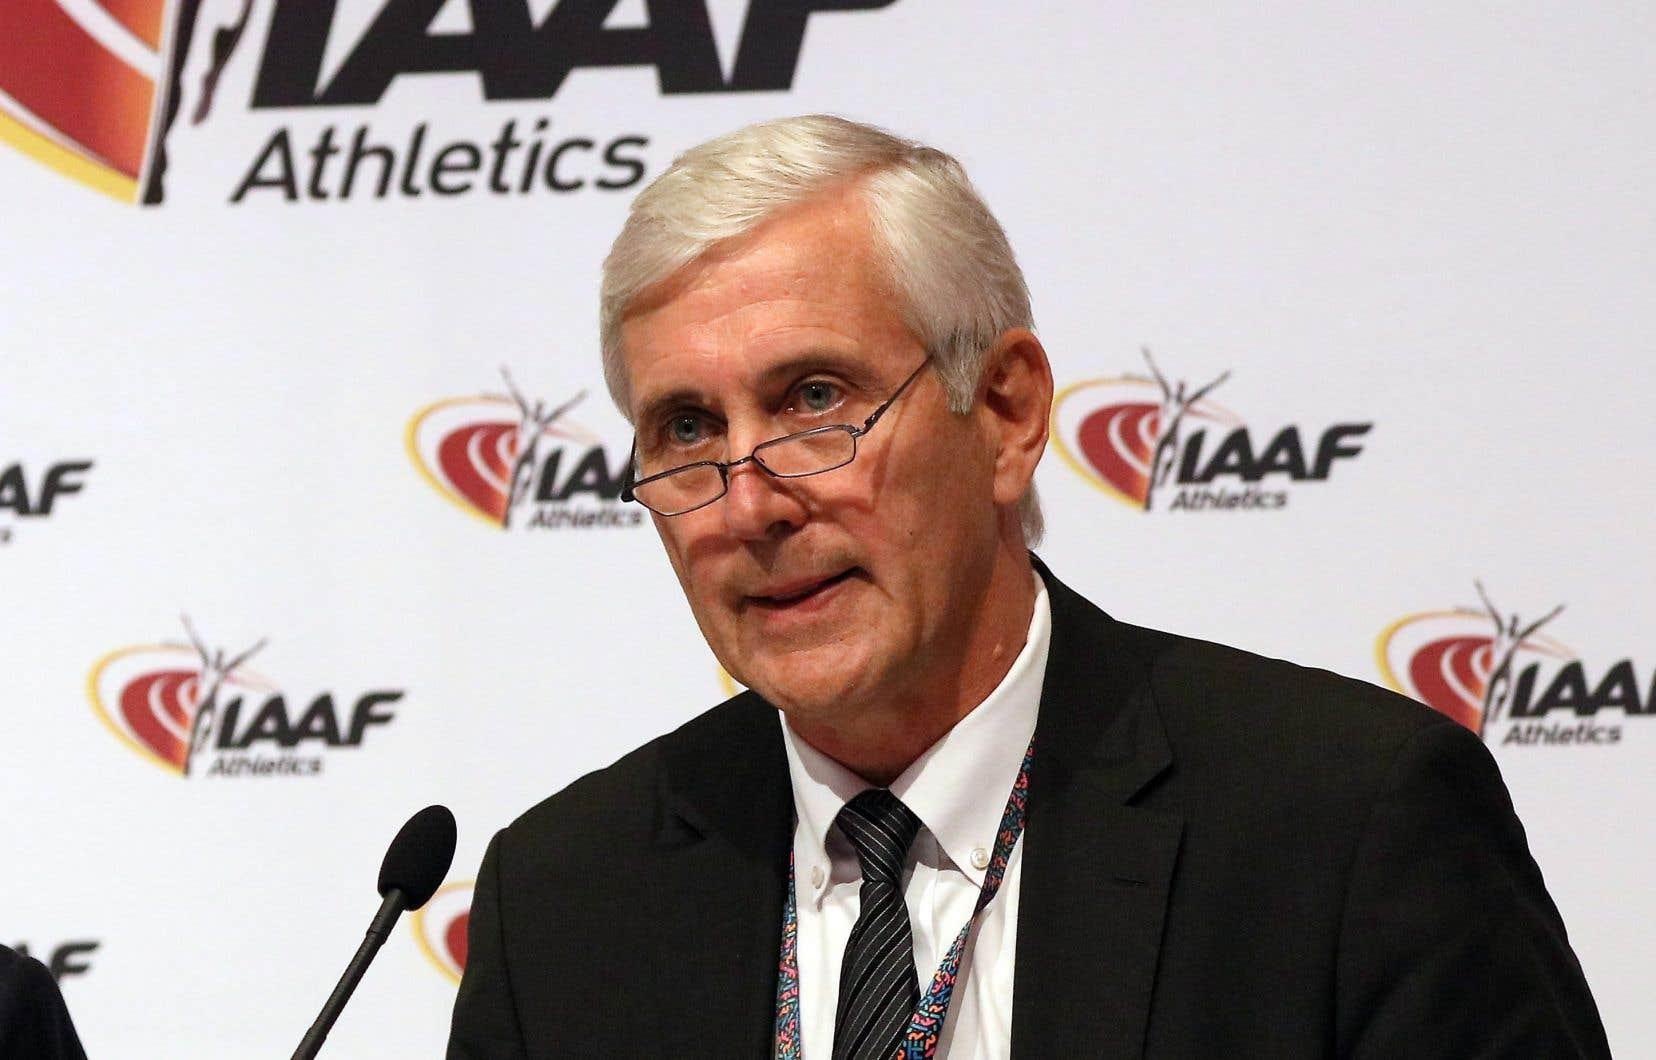 L'expert médical à la Fédération internationale d'athlétisme, Rune Andersen